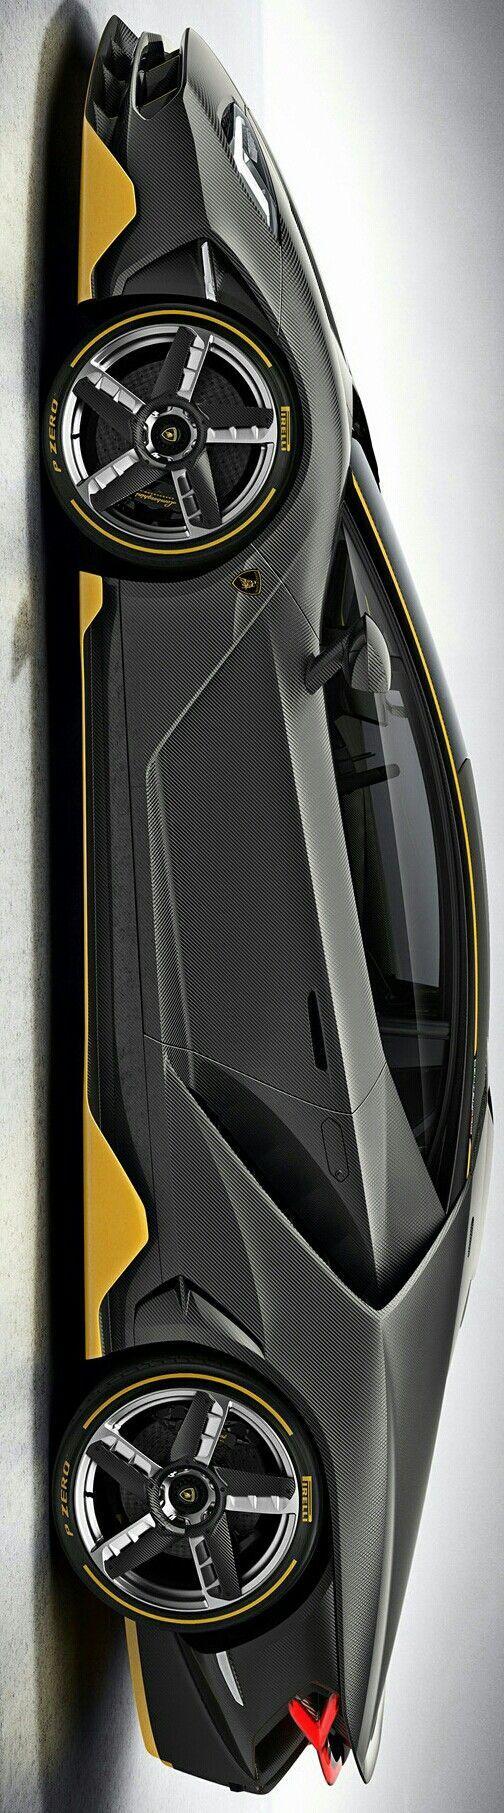 """""""Lamborghini...The Car Dreamers Drive!!!!""""™ Lamborghini Centenario 2016--->THE 1 & oNLy KRi$KiNG THE iNFAMOU$™ aka THE GHo$T™ c61c8032ba75e769e1625a5d918713f1.jpg (504×1813)"""